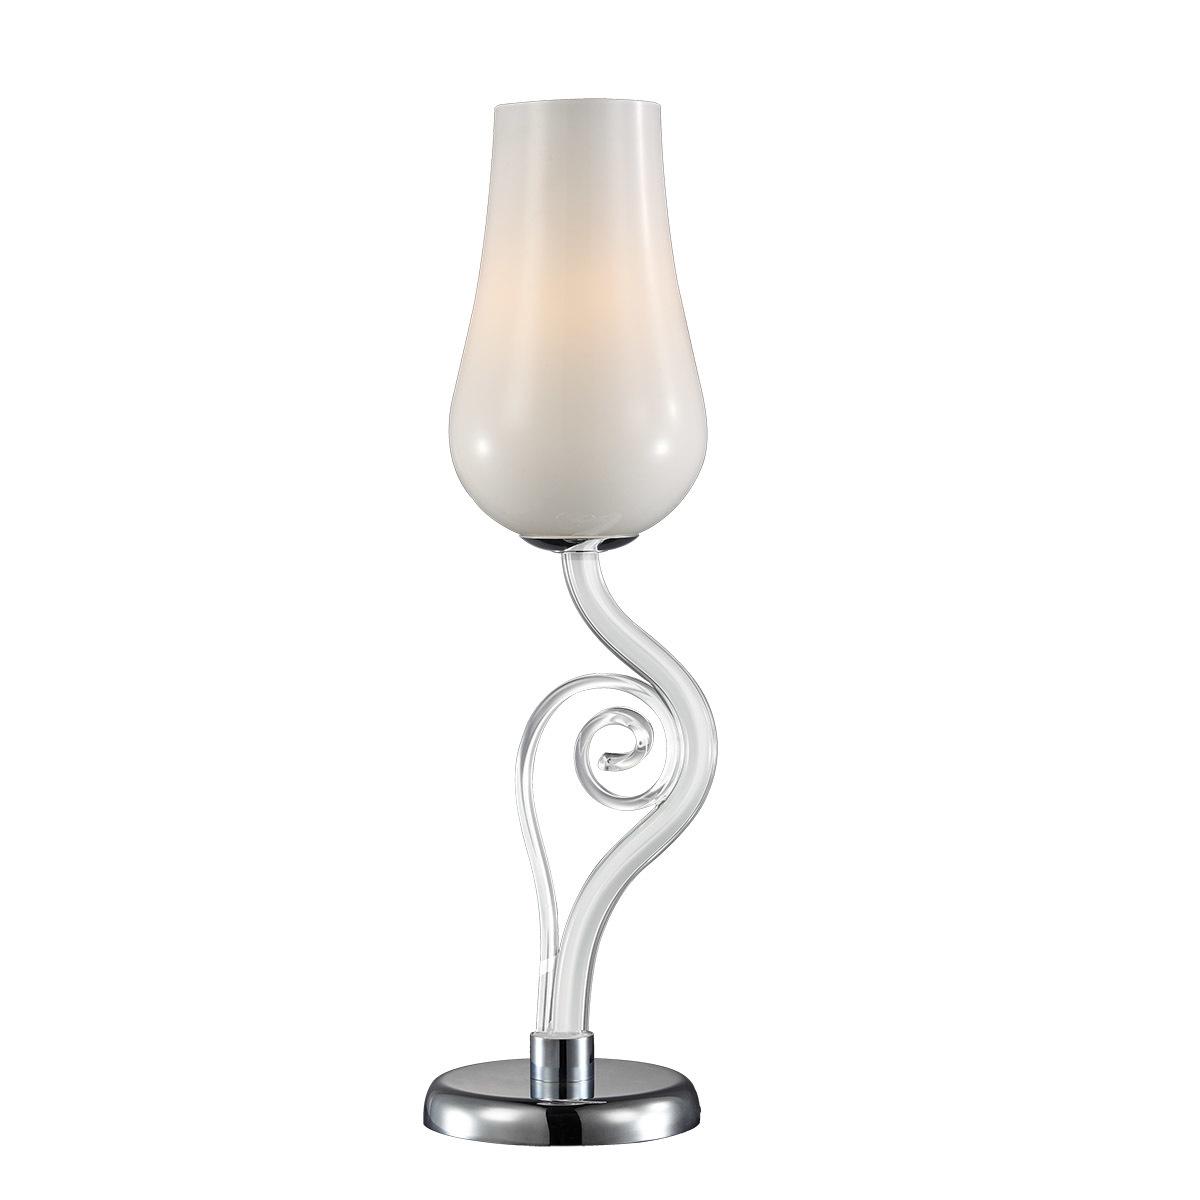 Lampa na stół LYBRA MT10904-1A - Italux  SPRAWDŹ RABATY  5-10-15-20 % w koszyku